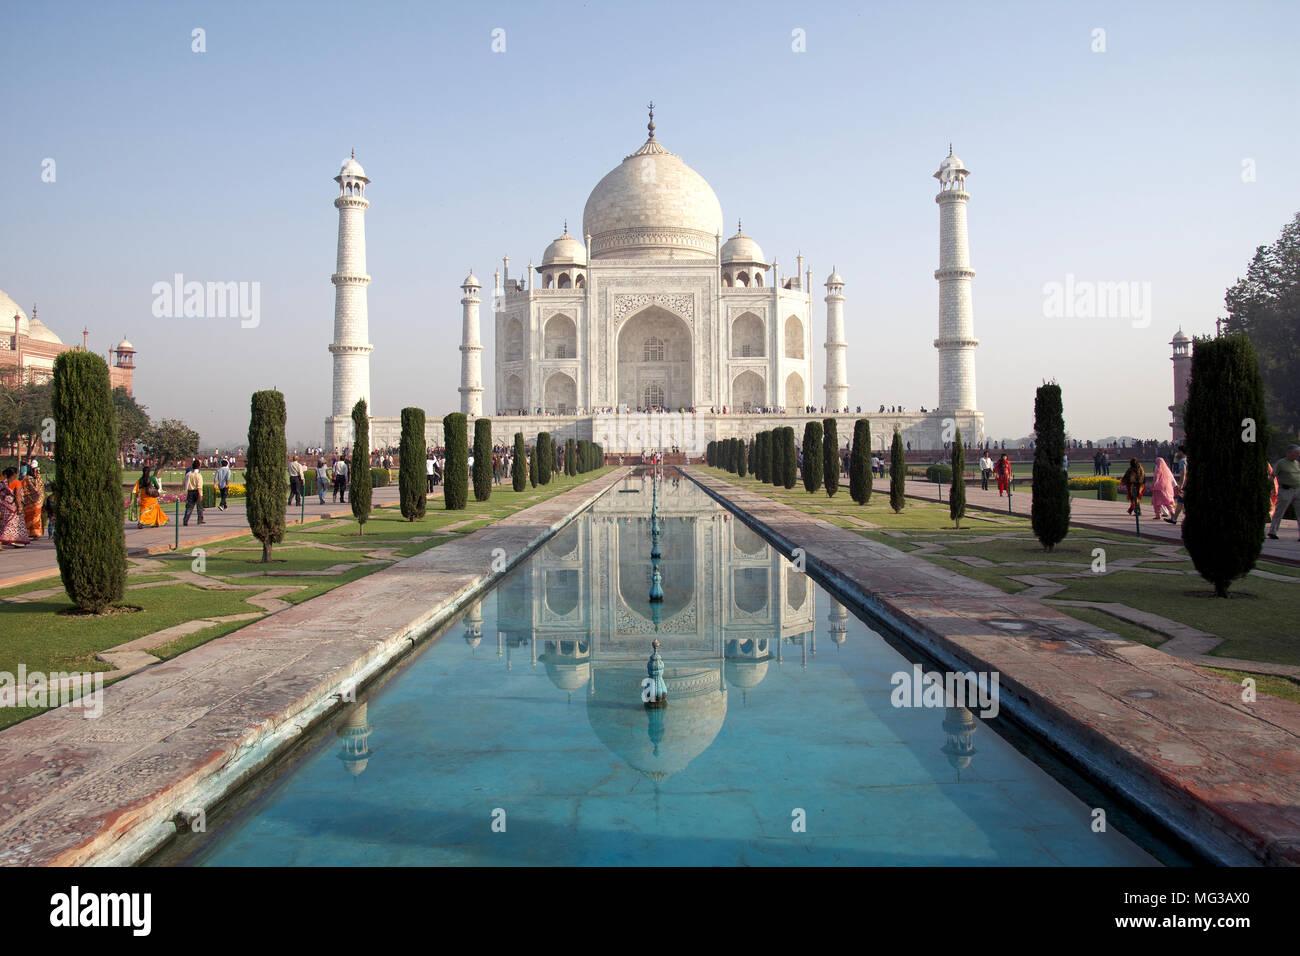 Taj Mahal di Agra, India Immagini Stock